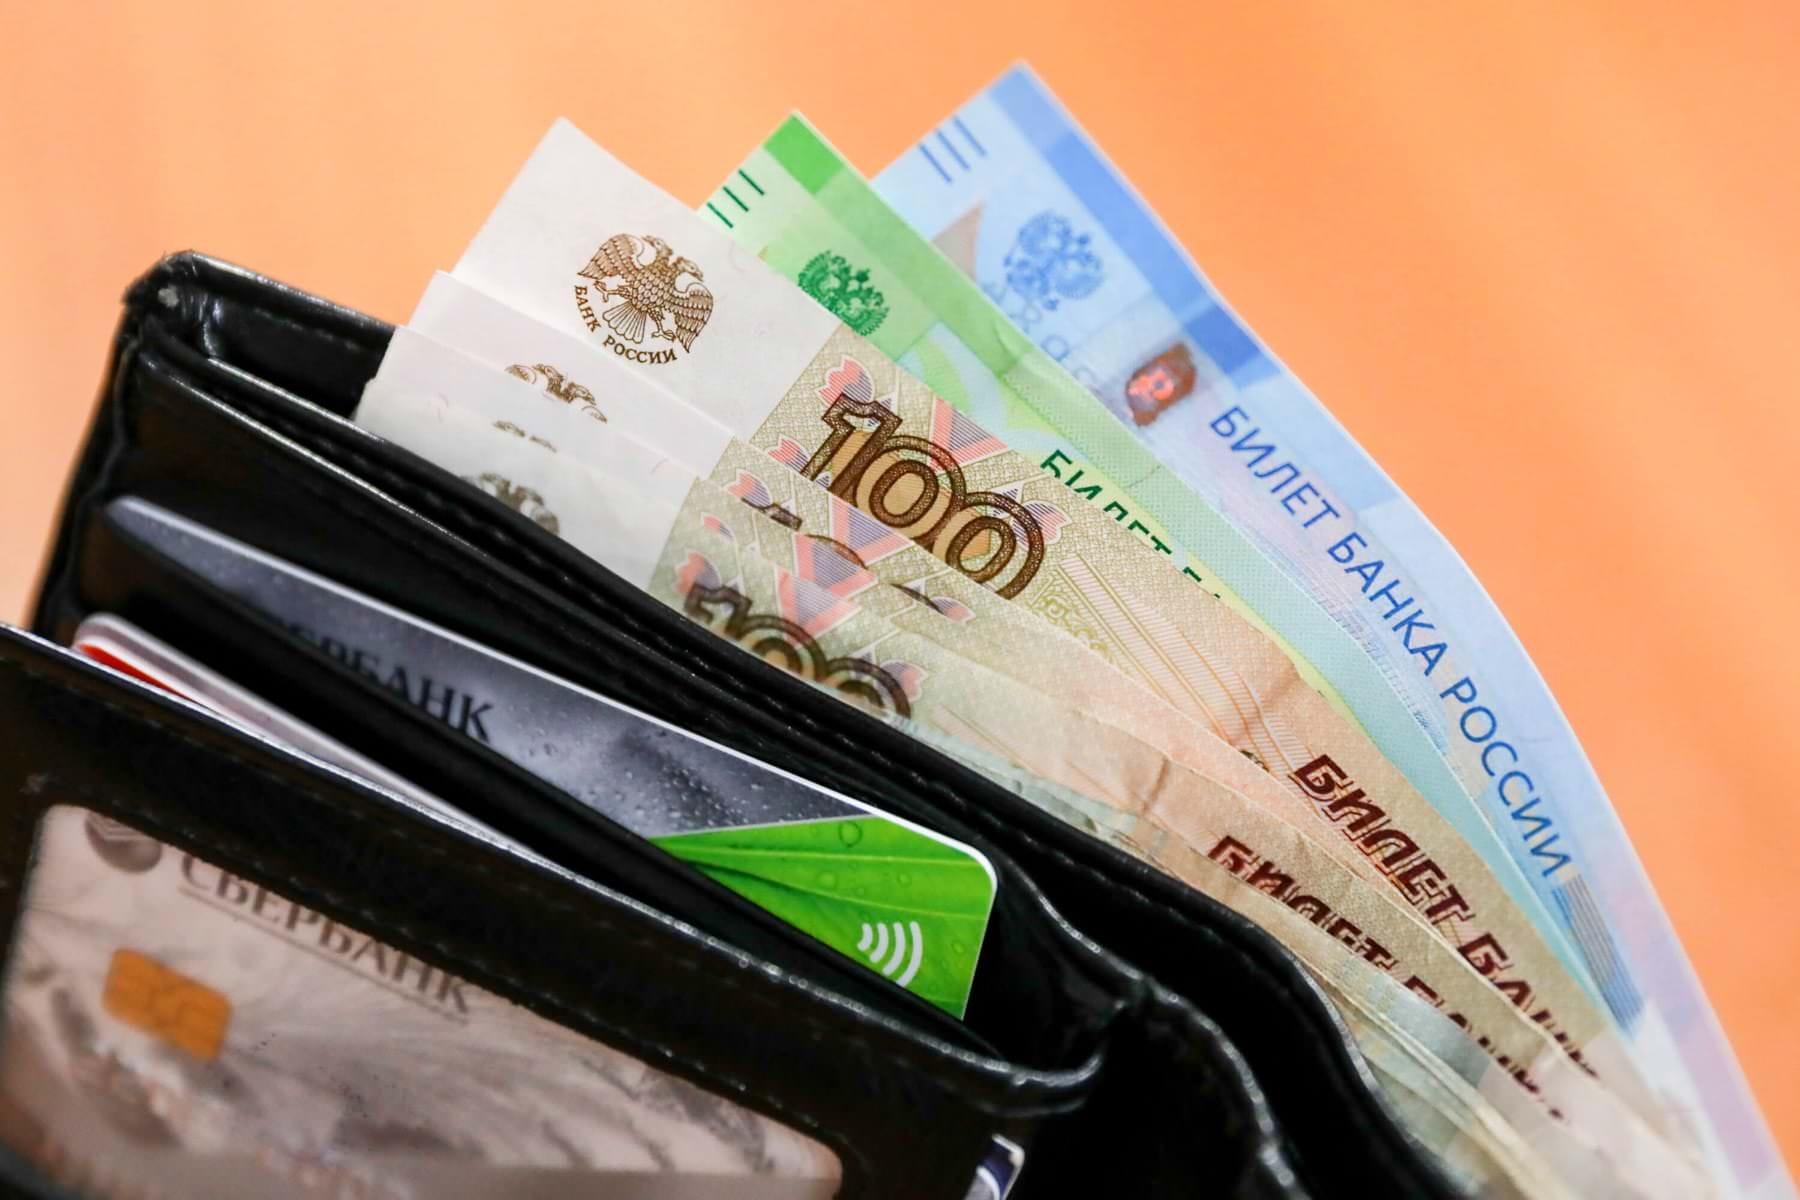 деньги в счет зарплаты